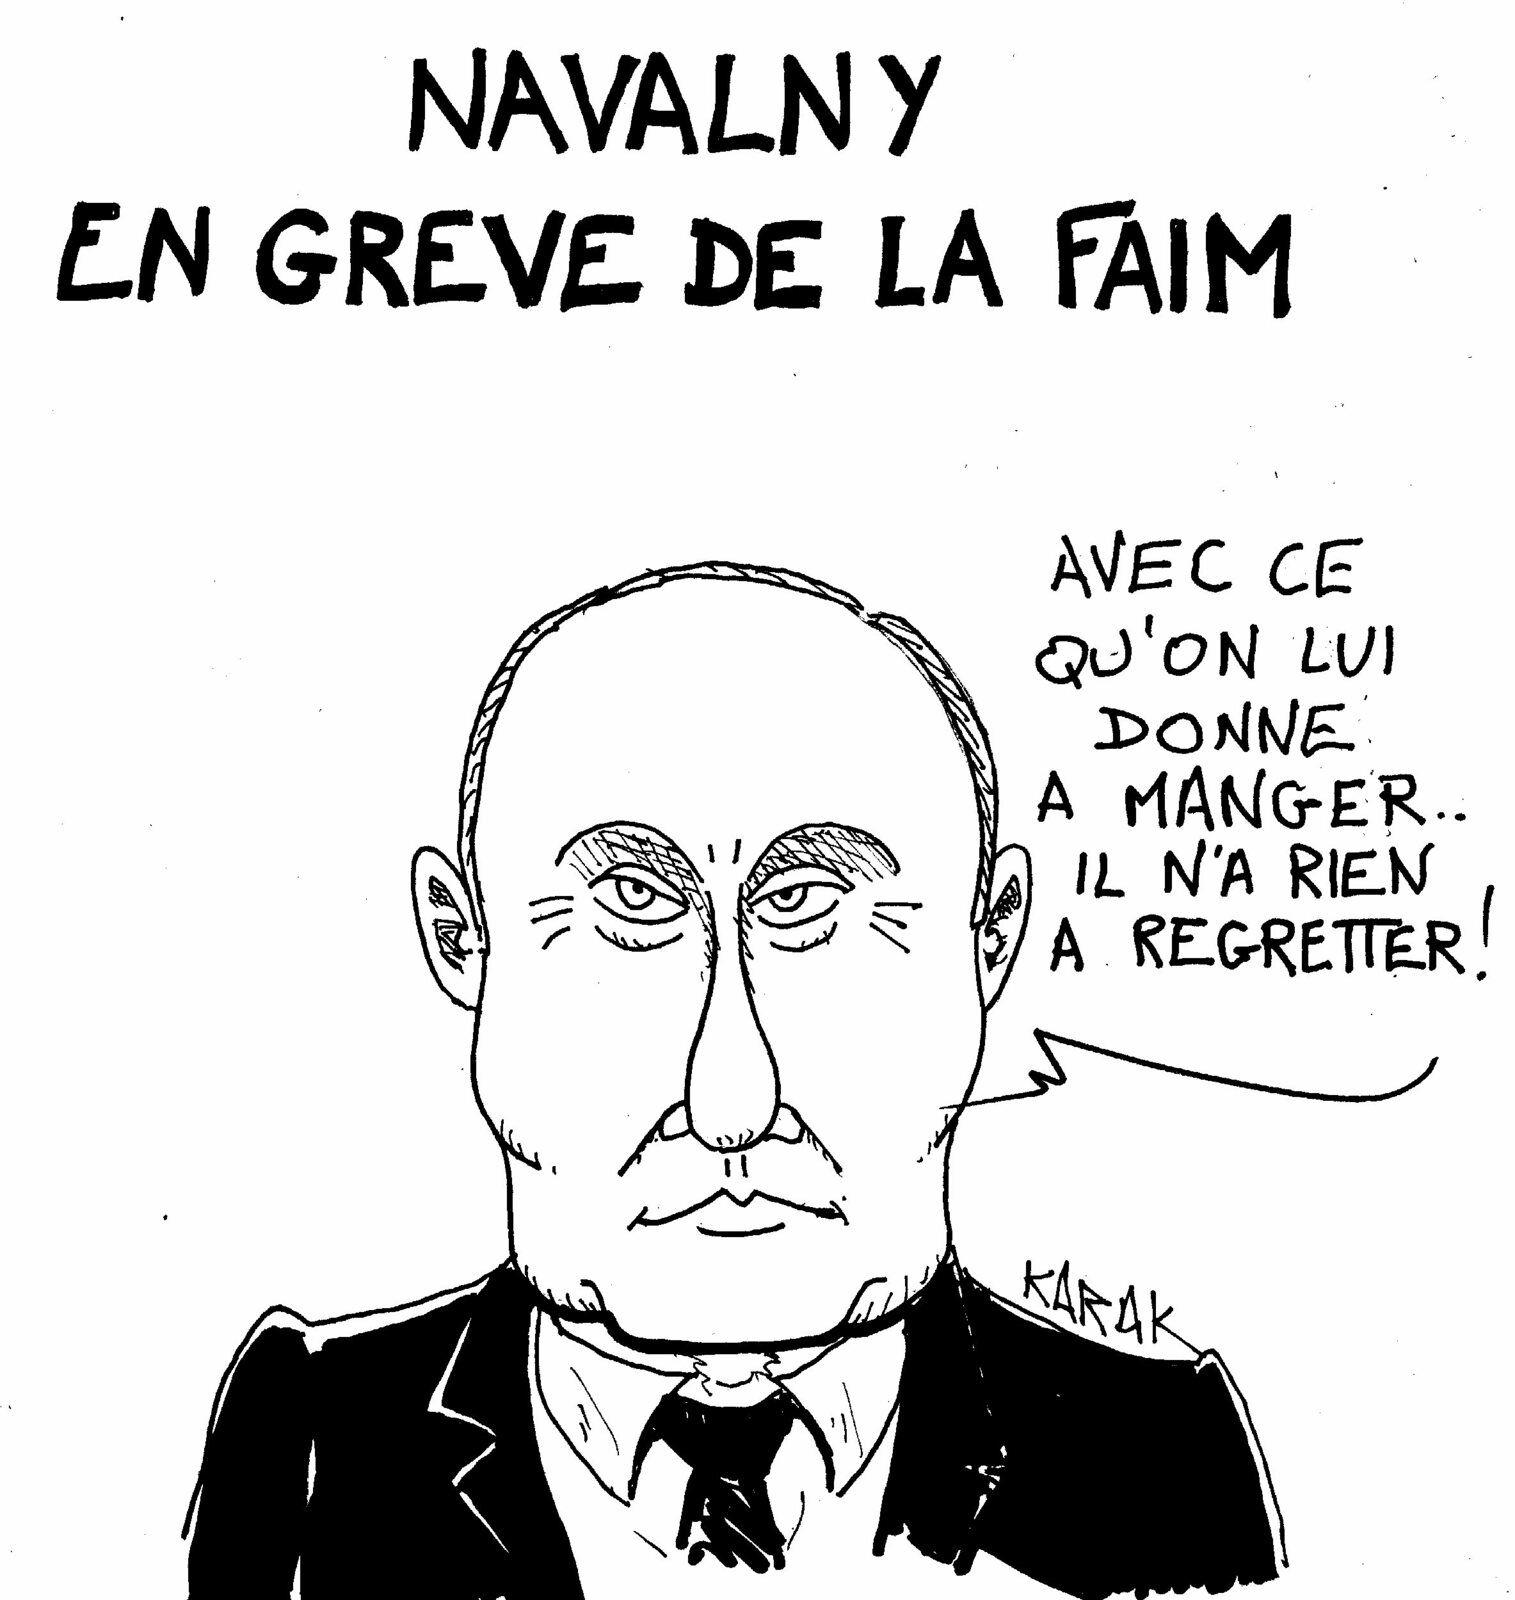 Navalny fin gourmet